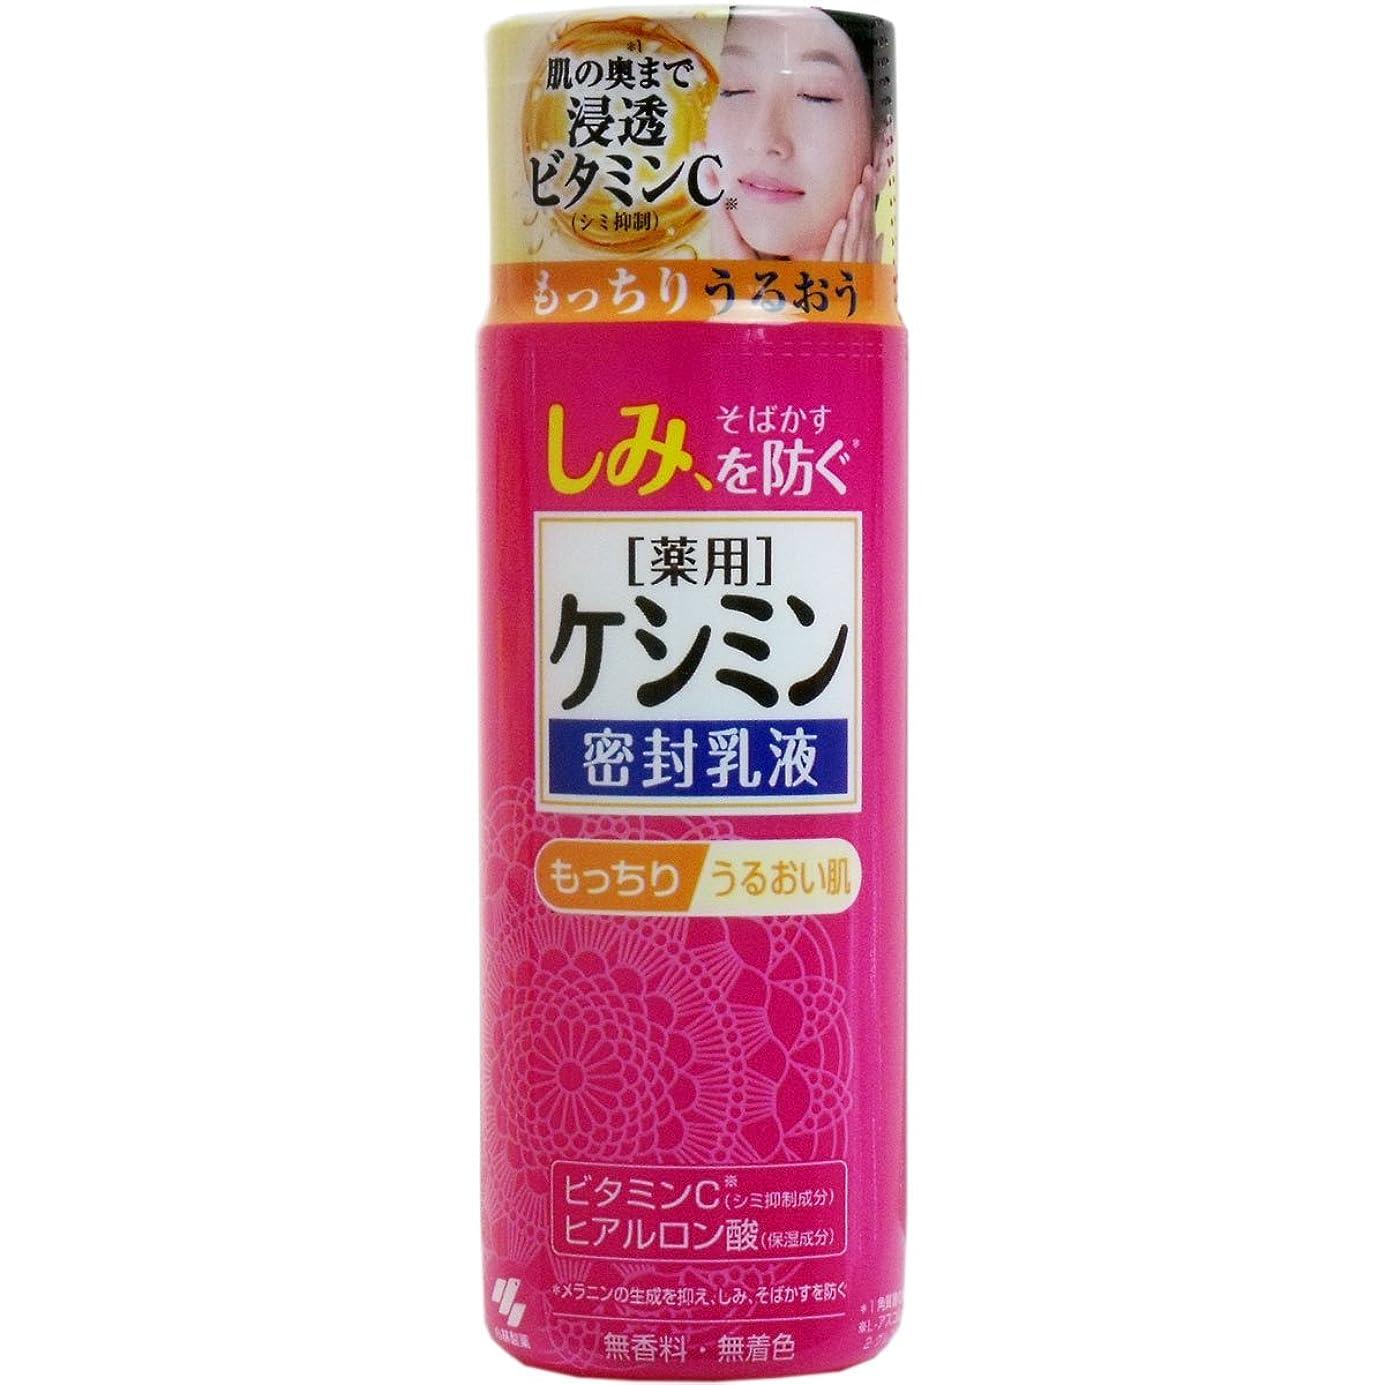 トレードインサートサーキットに行くケシミン密封乳液 シミを防ぐ 130ml×6個